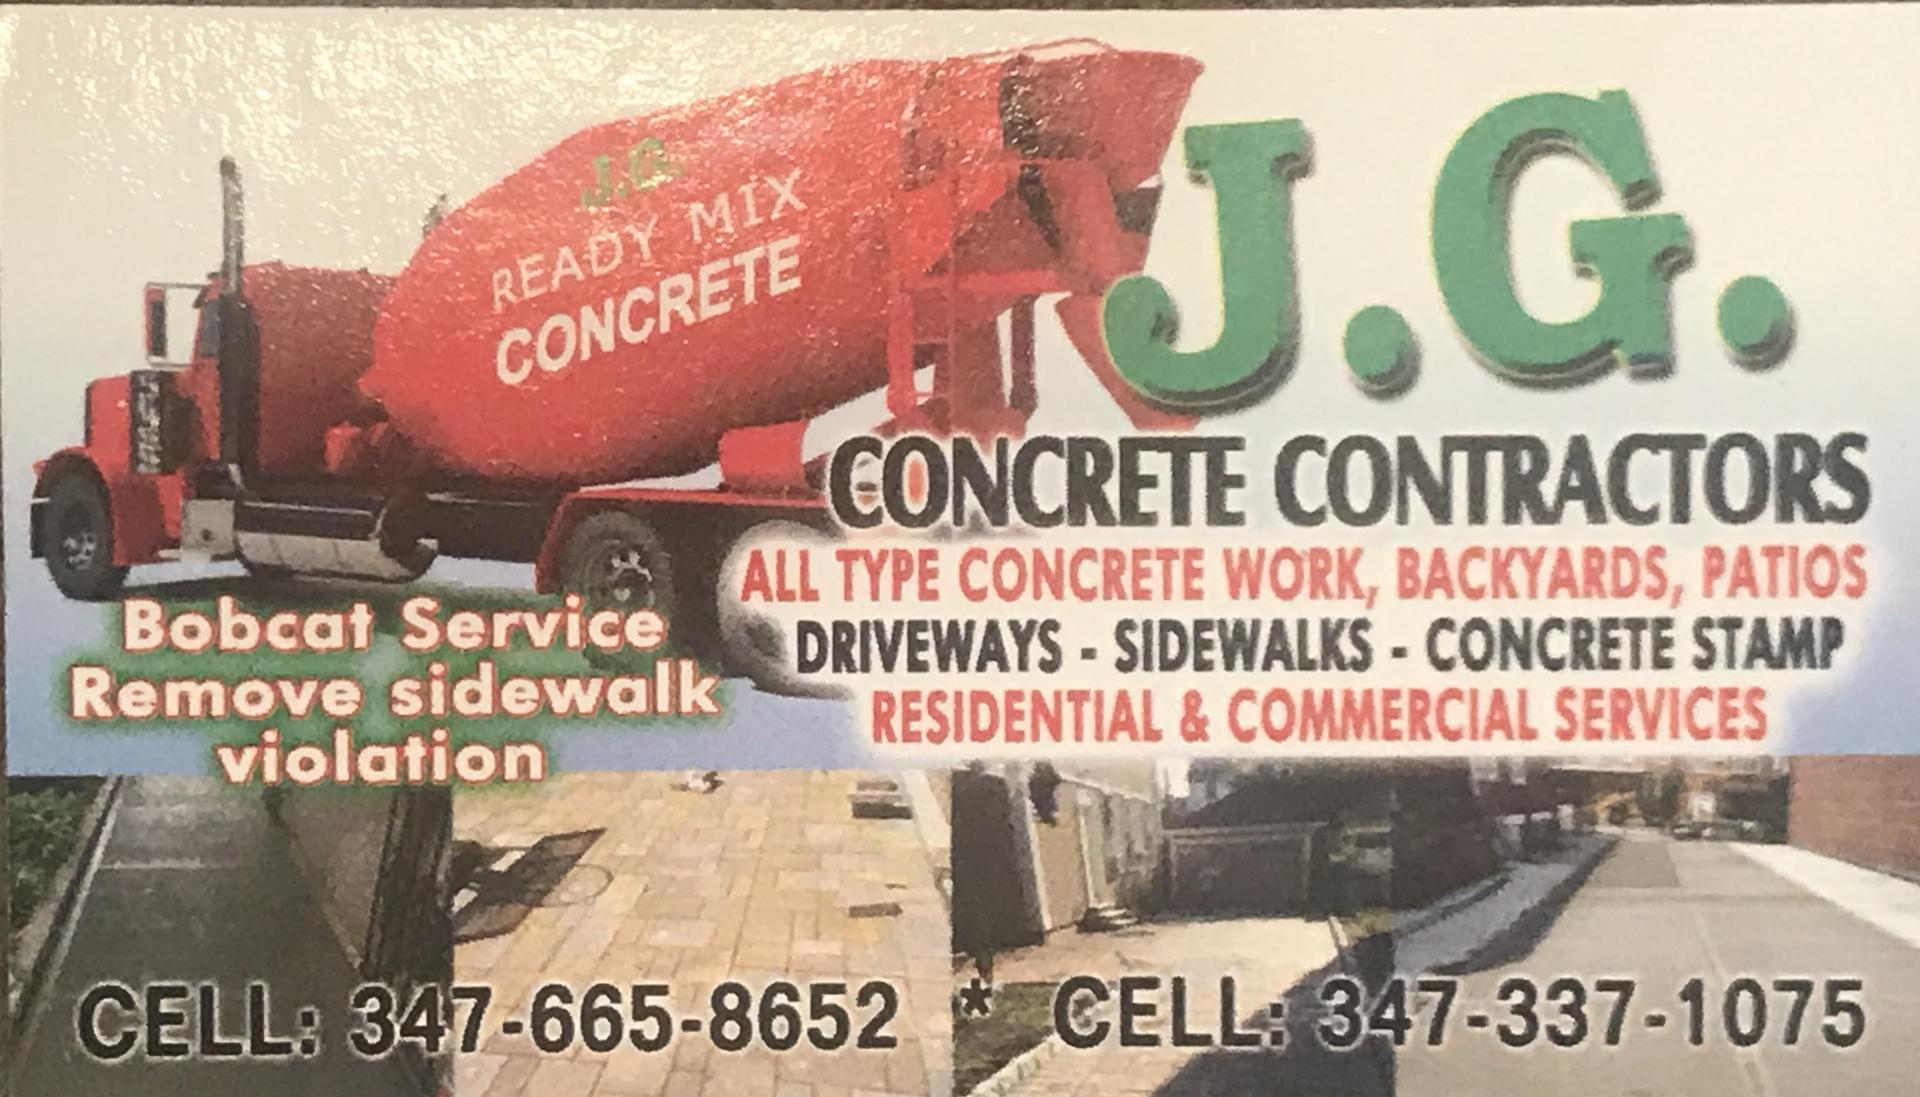 jg concrete